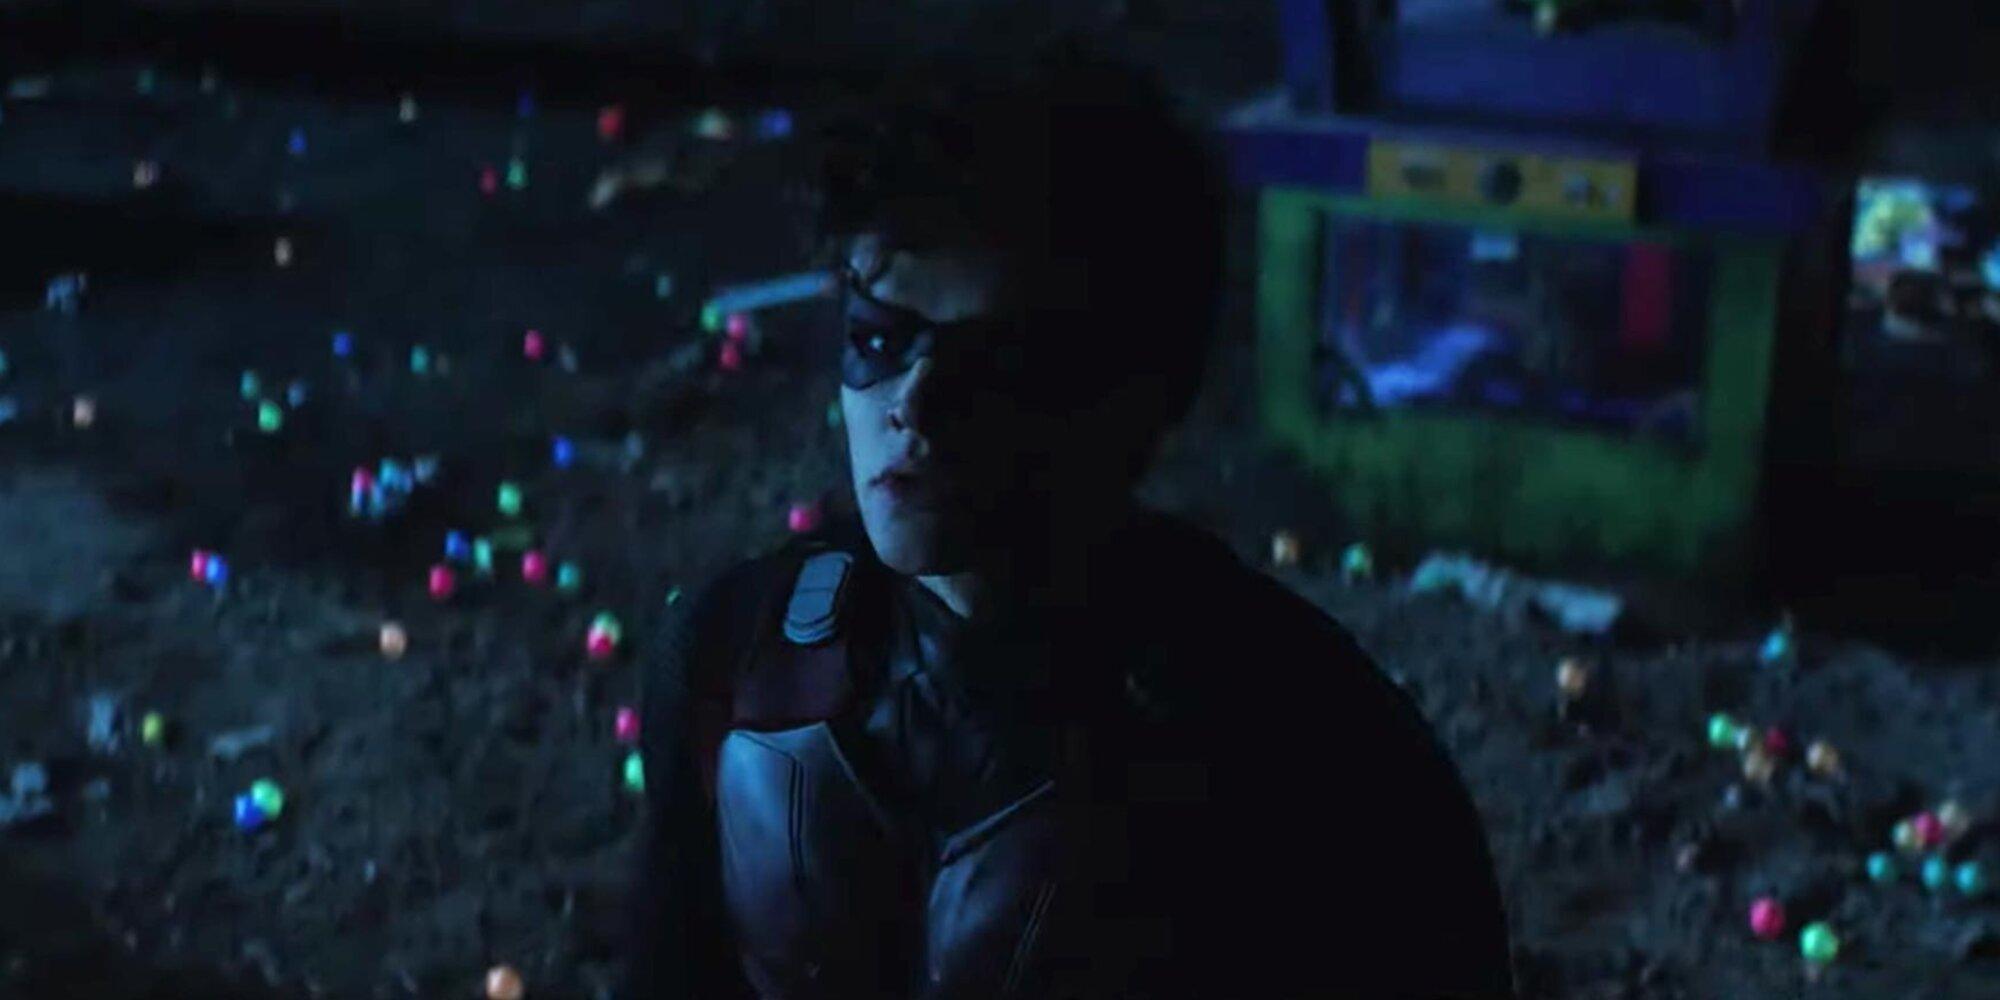 Titans season 3 trailer teases Jason Todd's tragic comic book fate.jpg